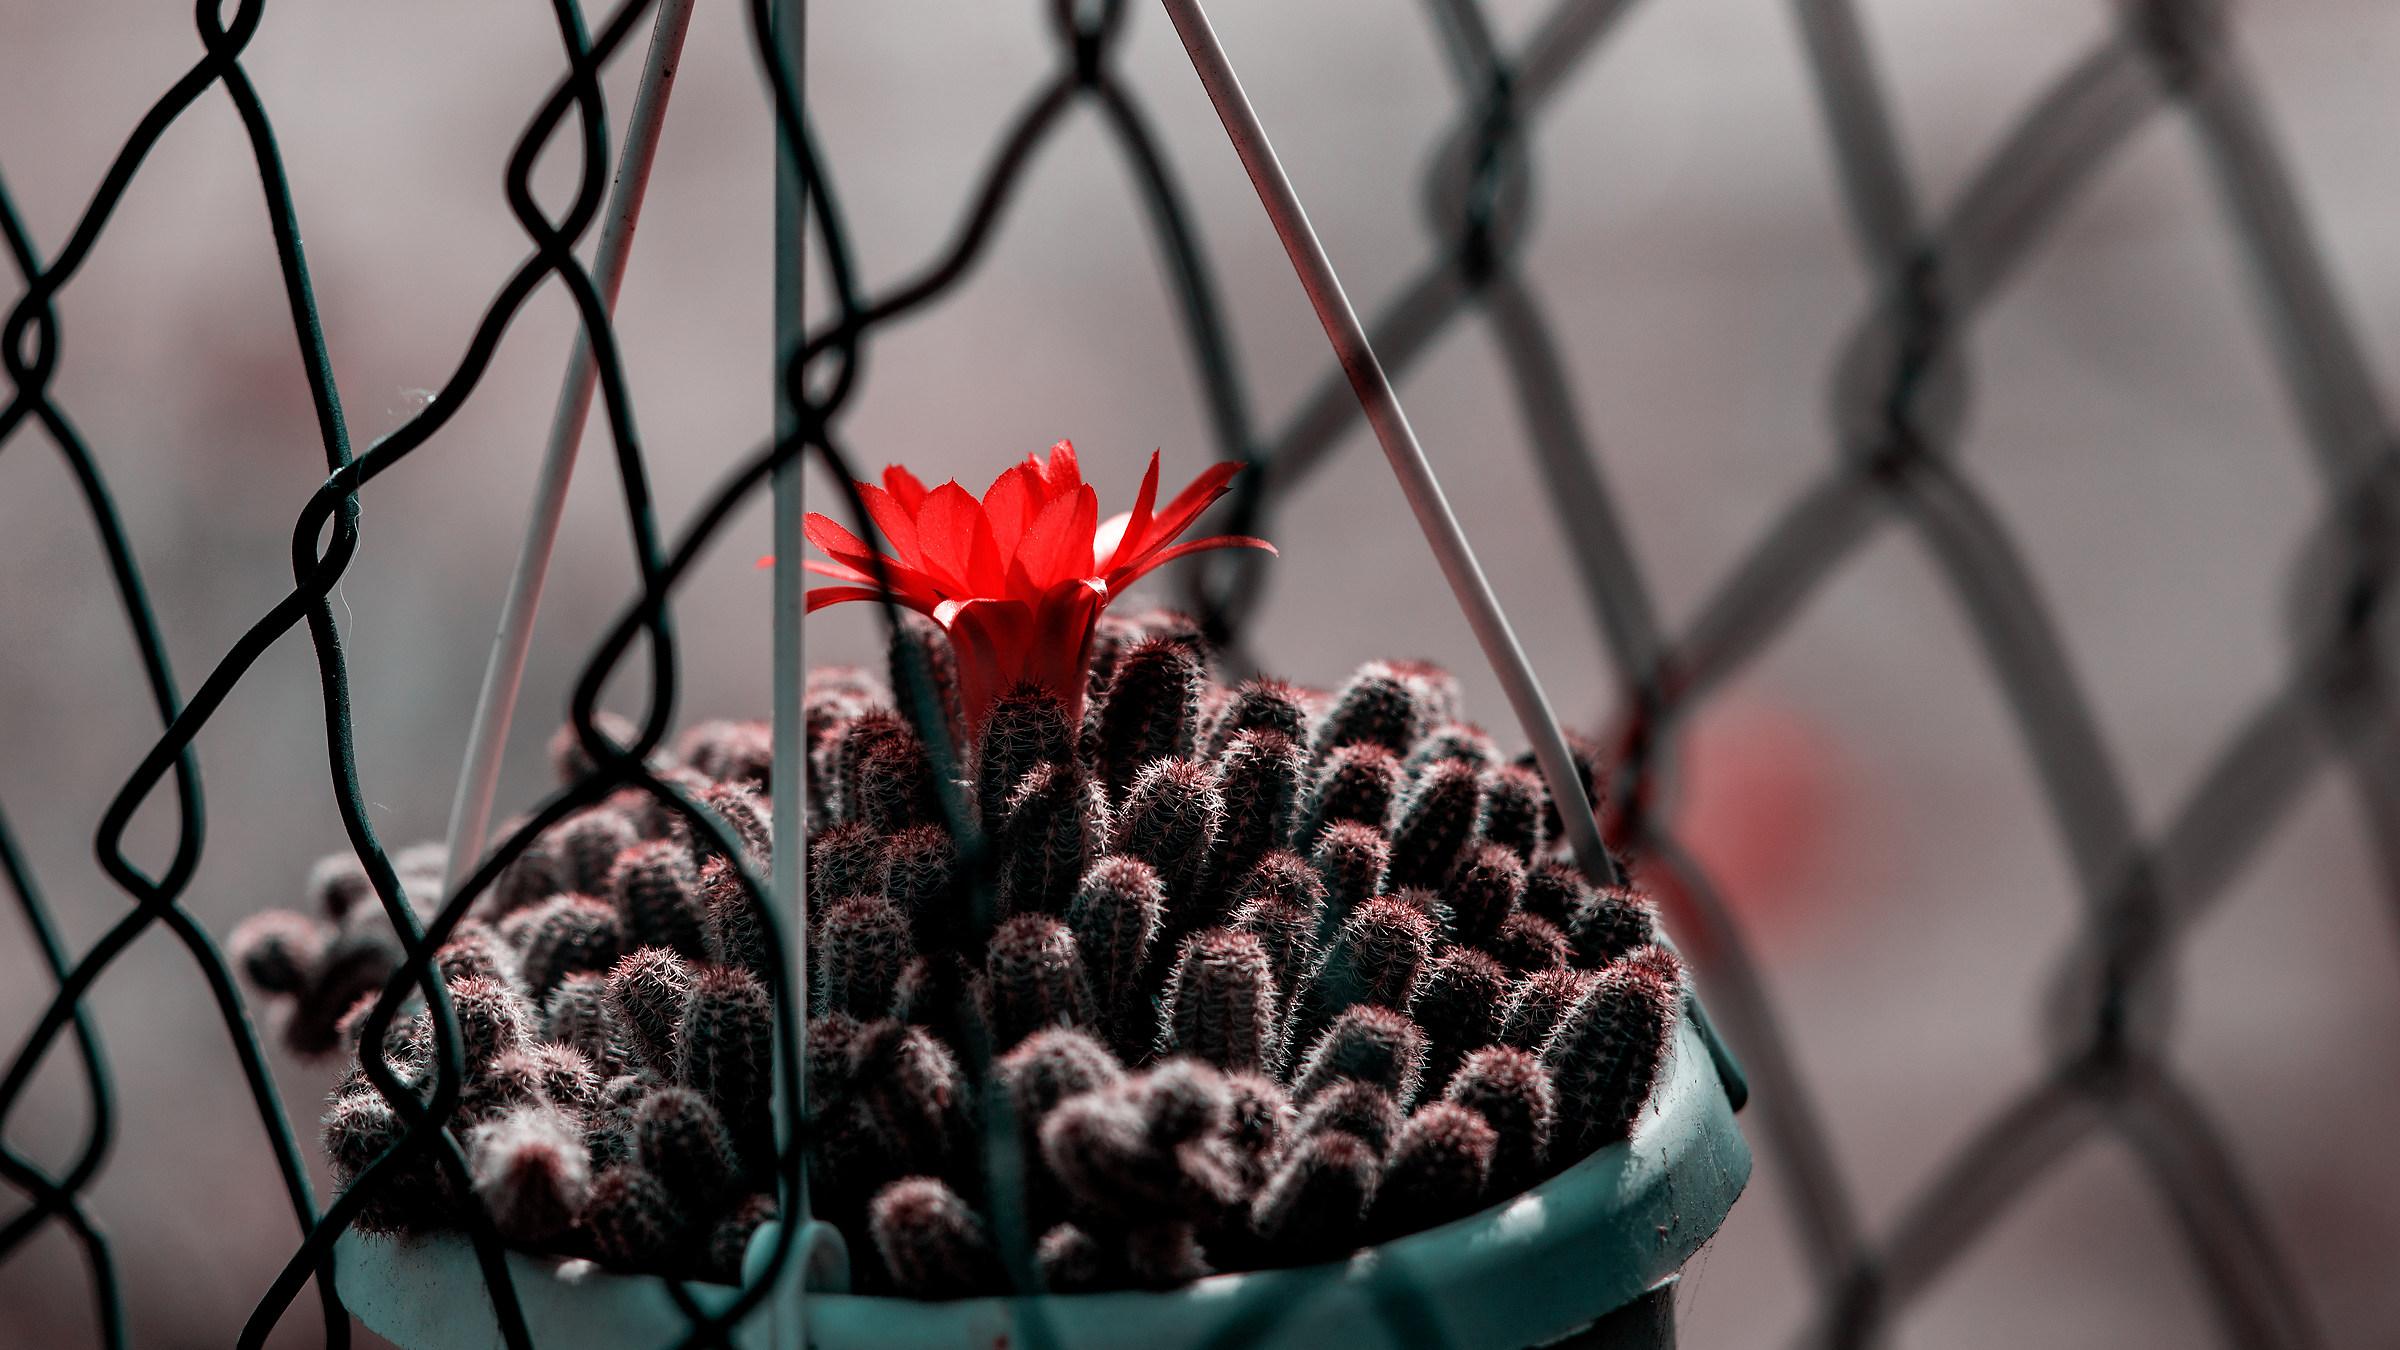 Fiore di cactus rubato...